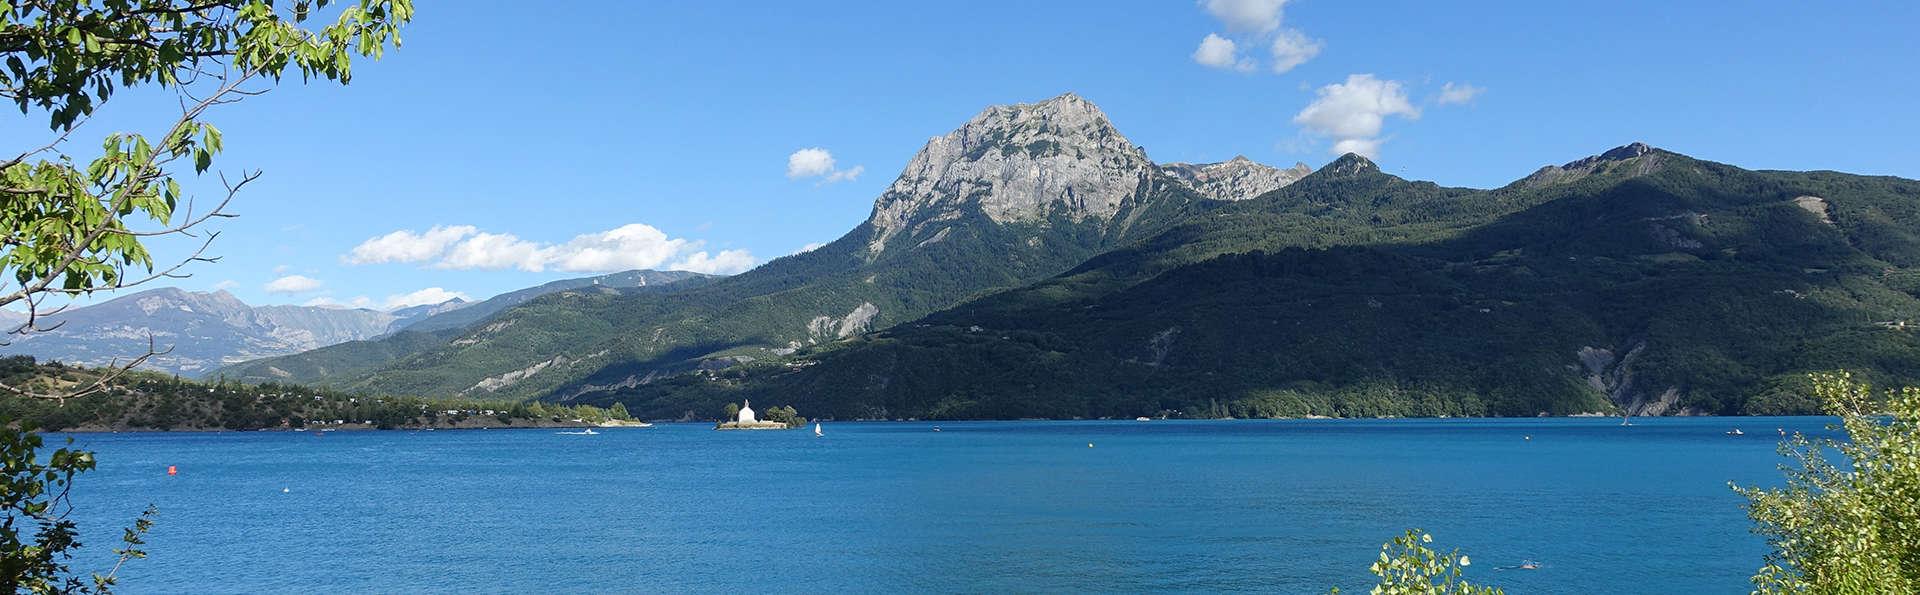 Week-end près du lac Lauzet dans les Alpes-de-Haute-Provence